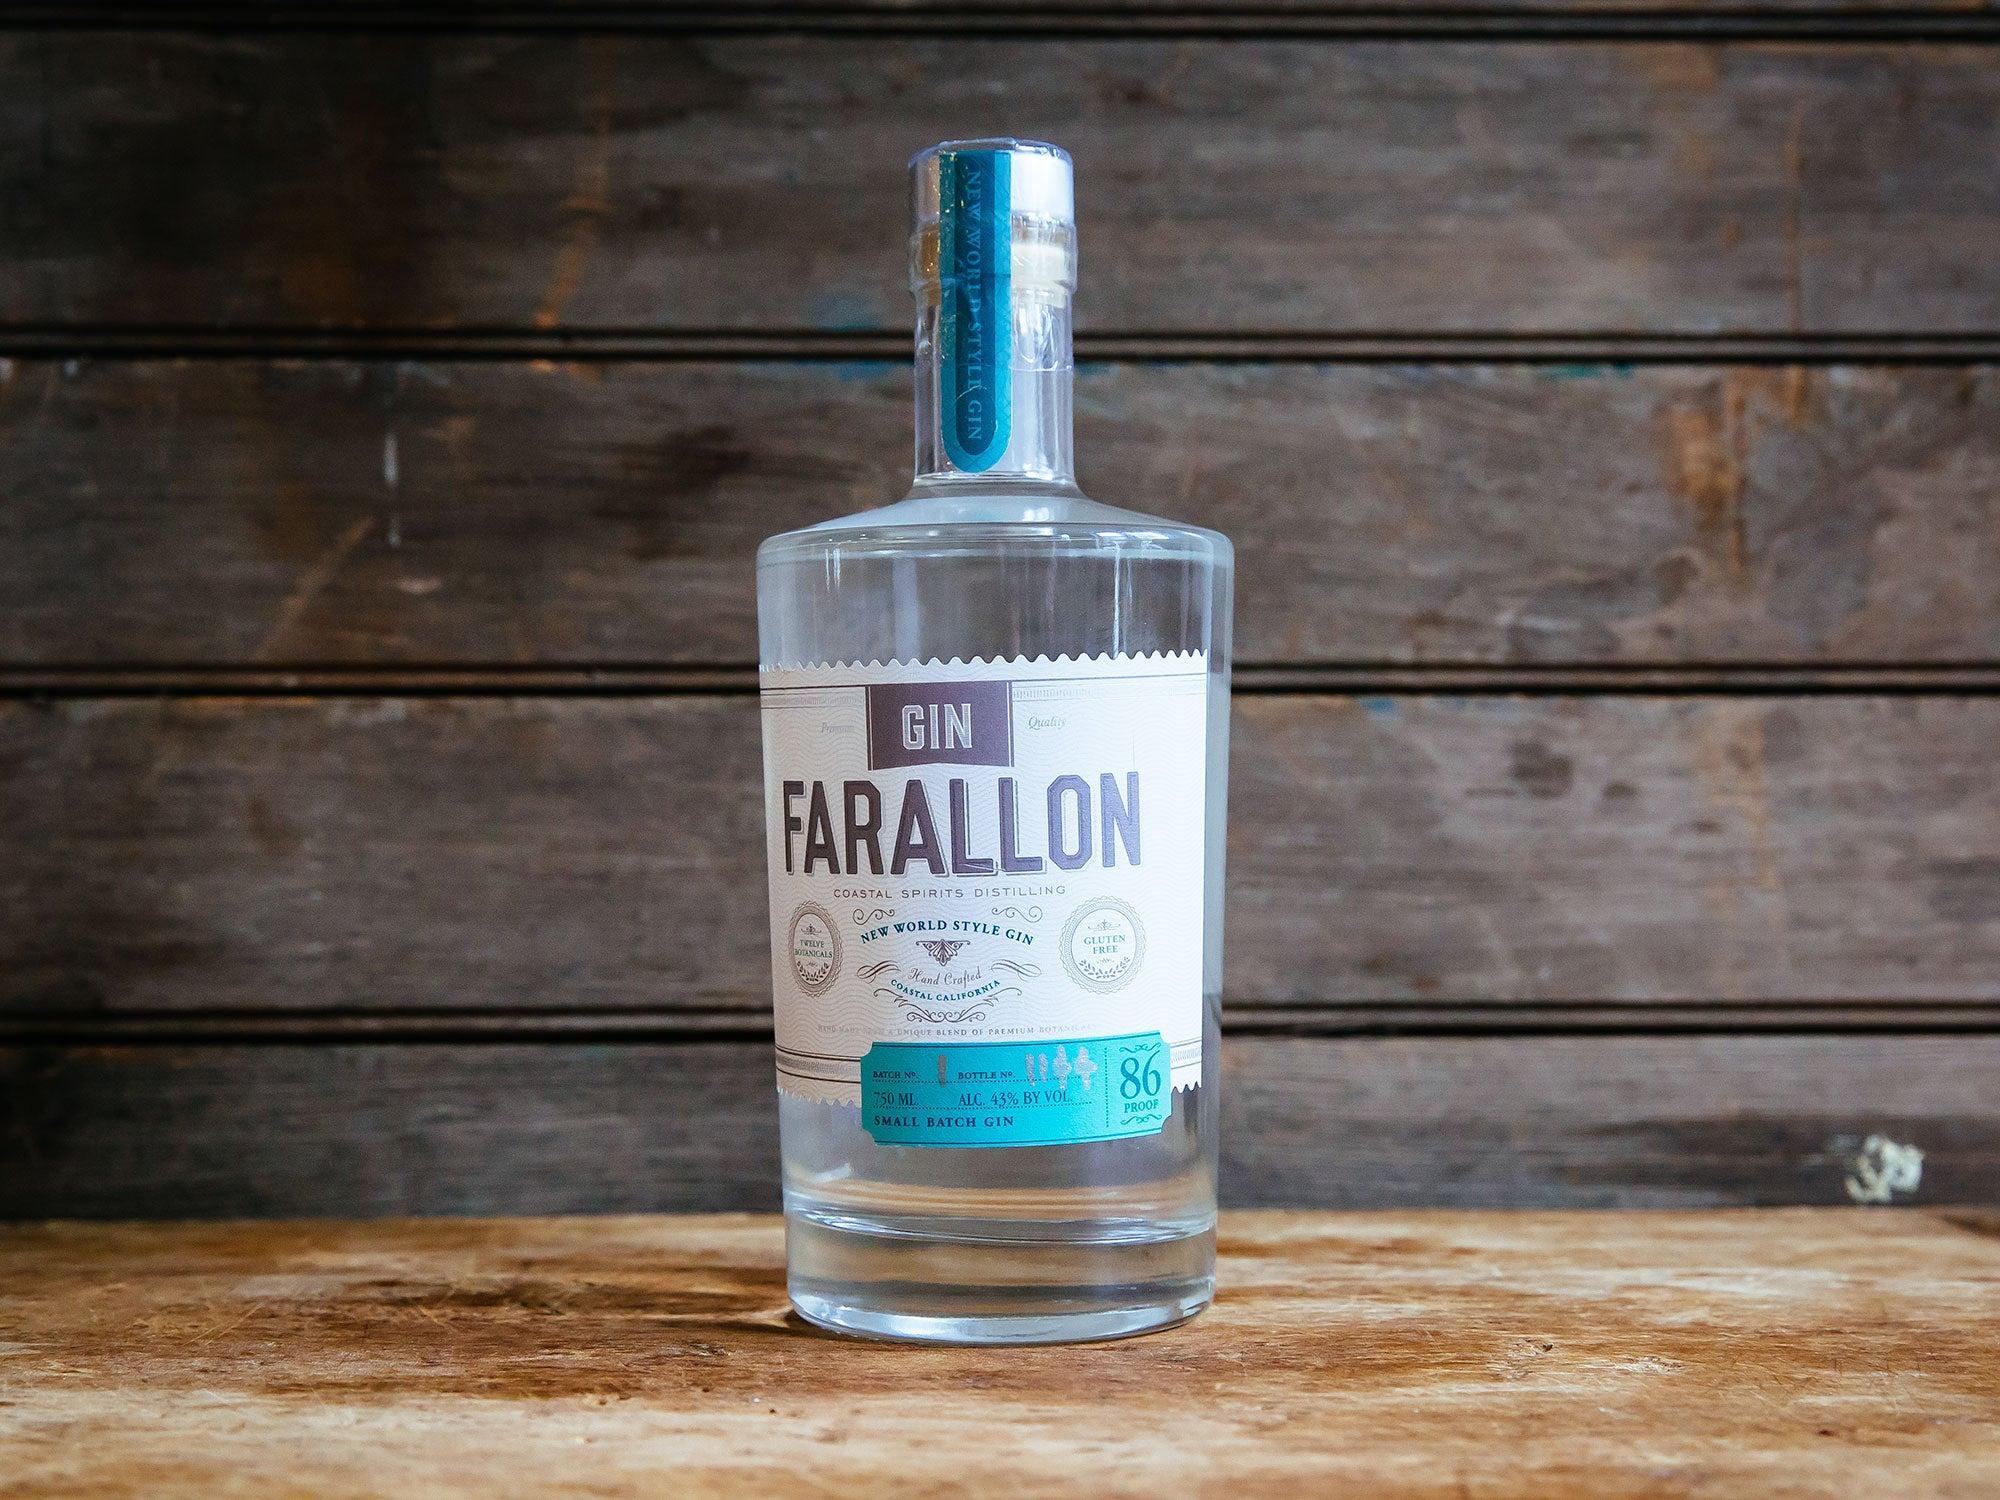 Farallon Gin